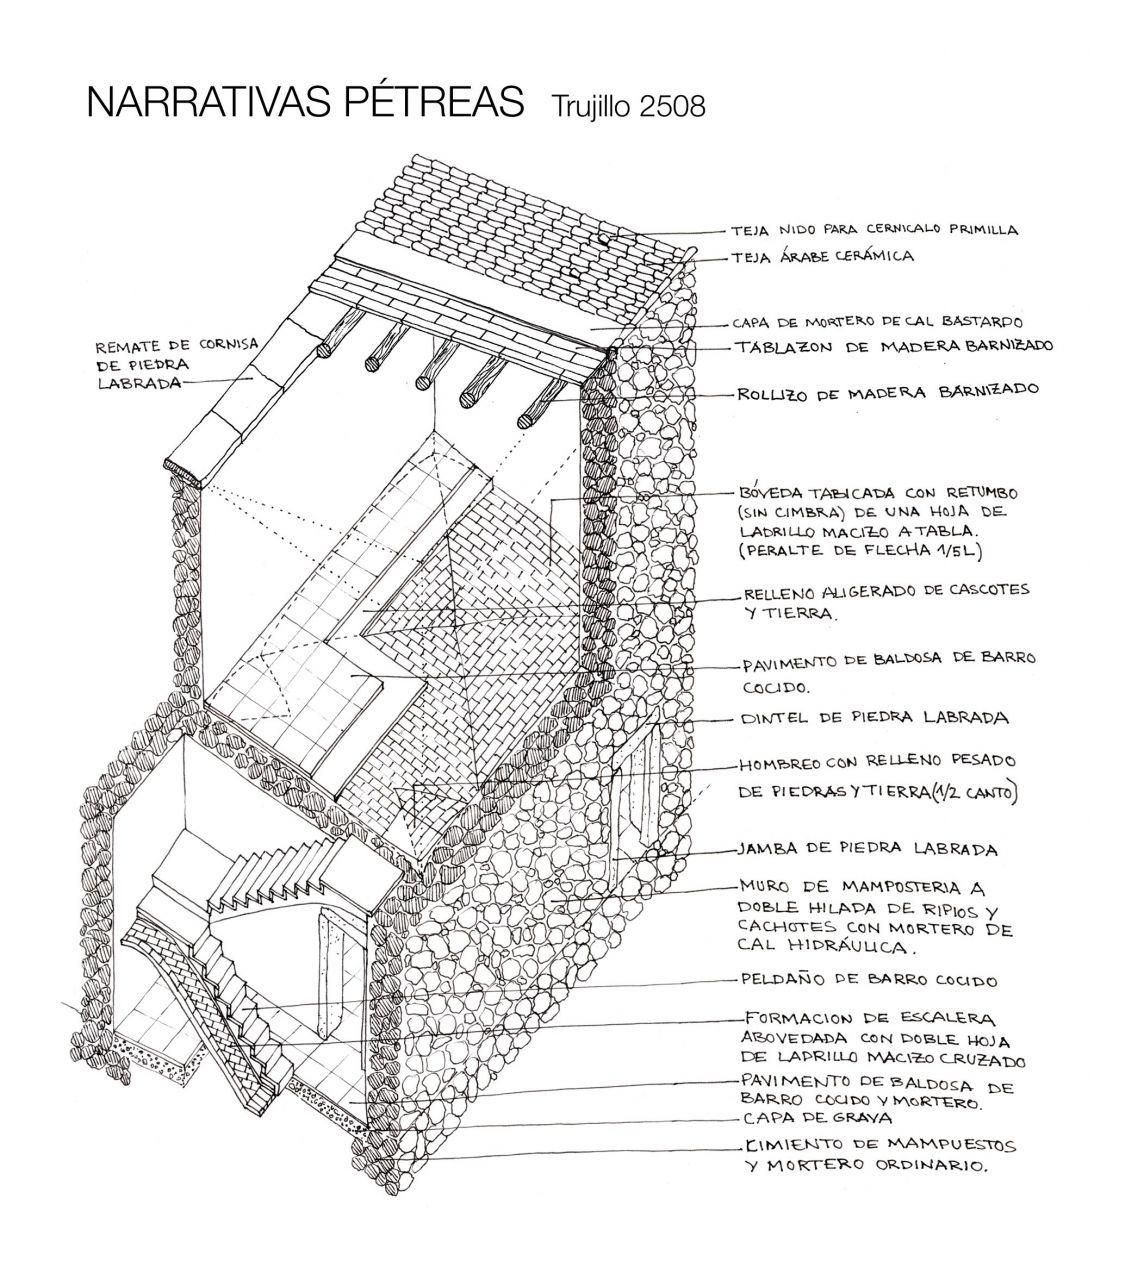 08_NARRATIVAS PÉTREAS_código 2508